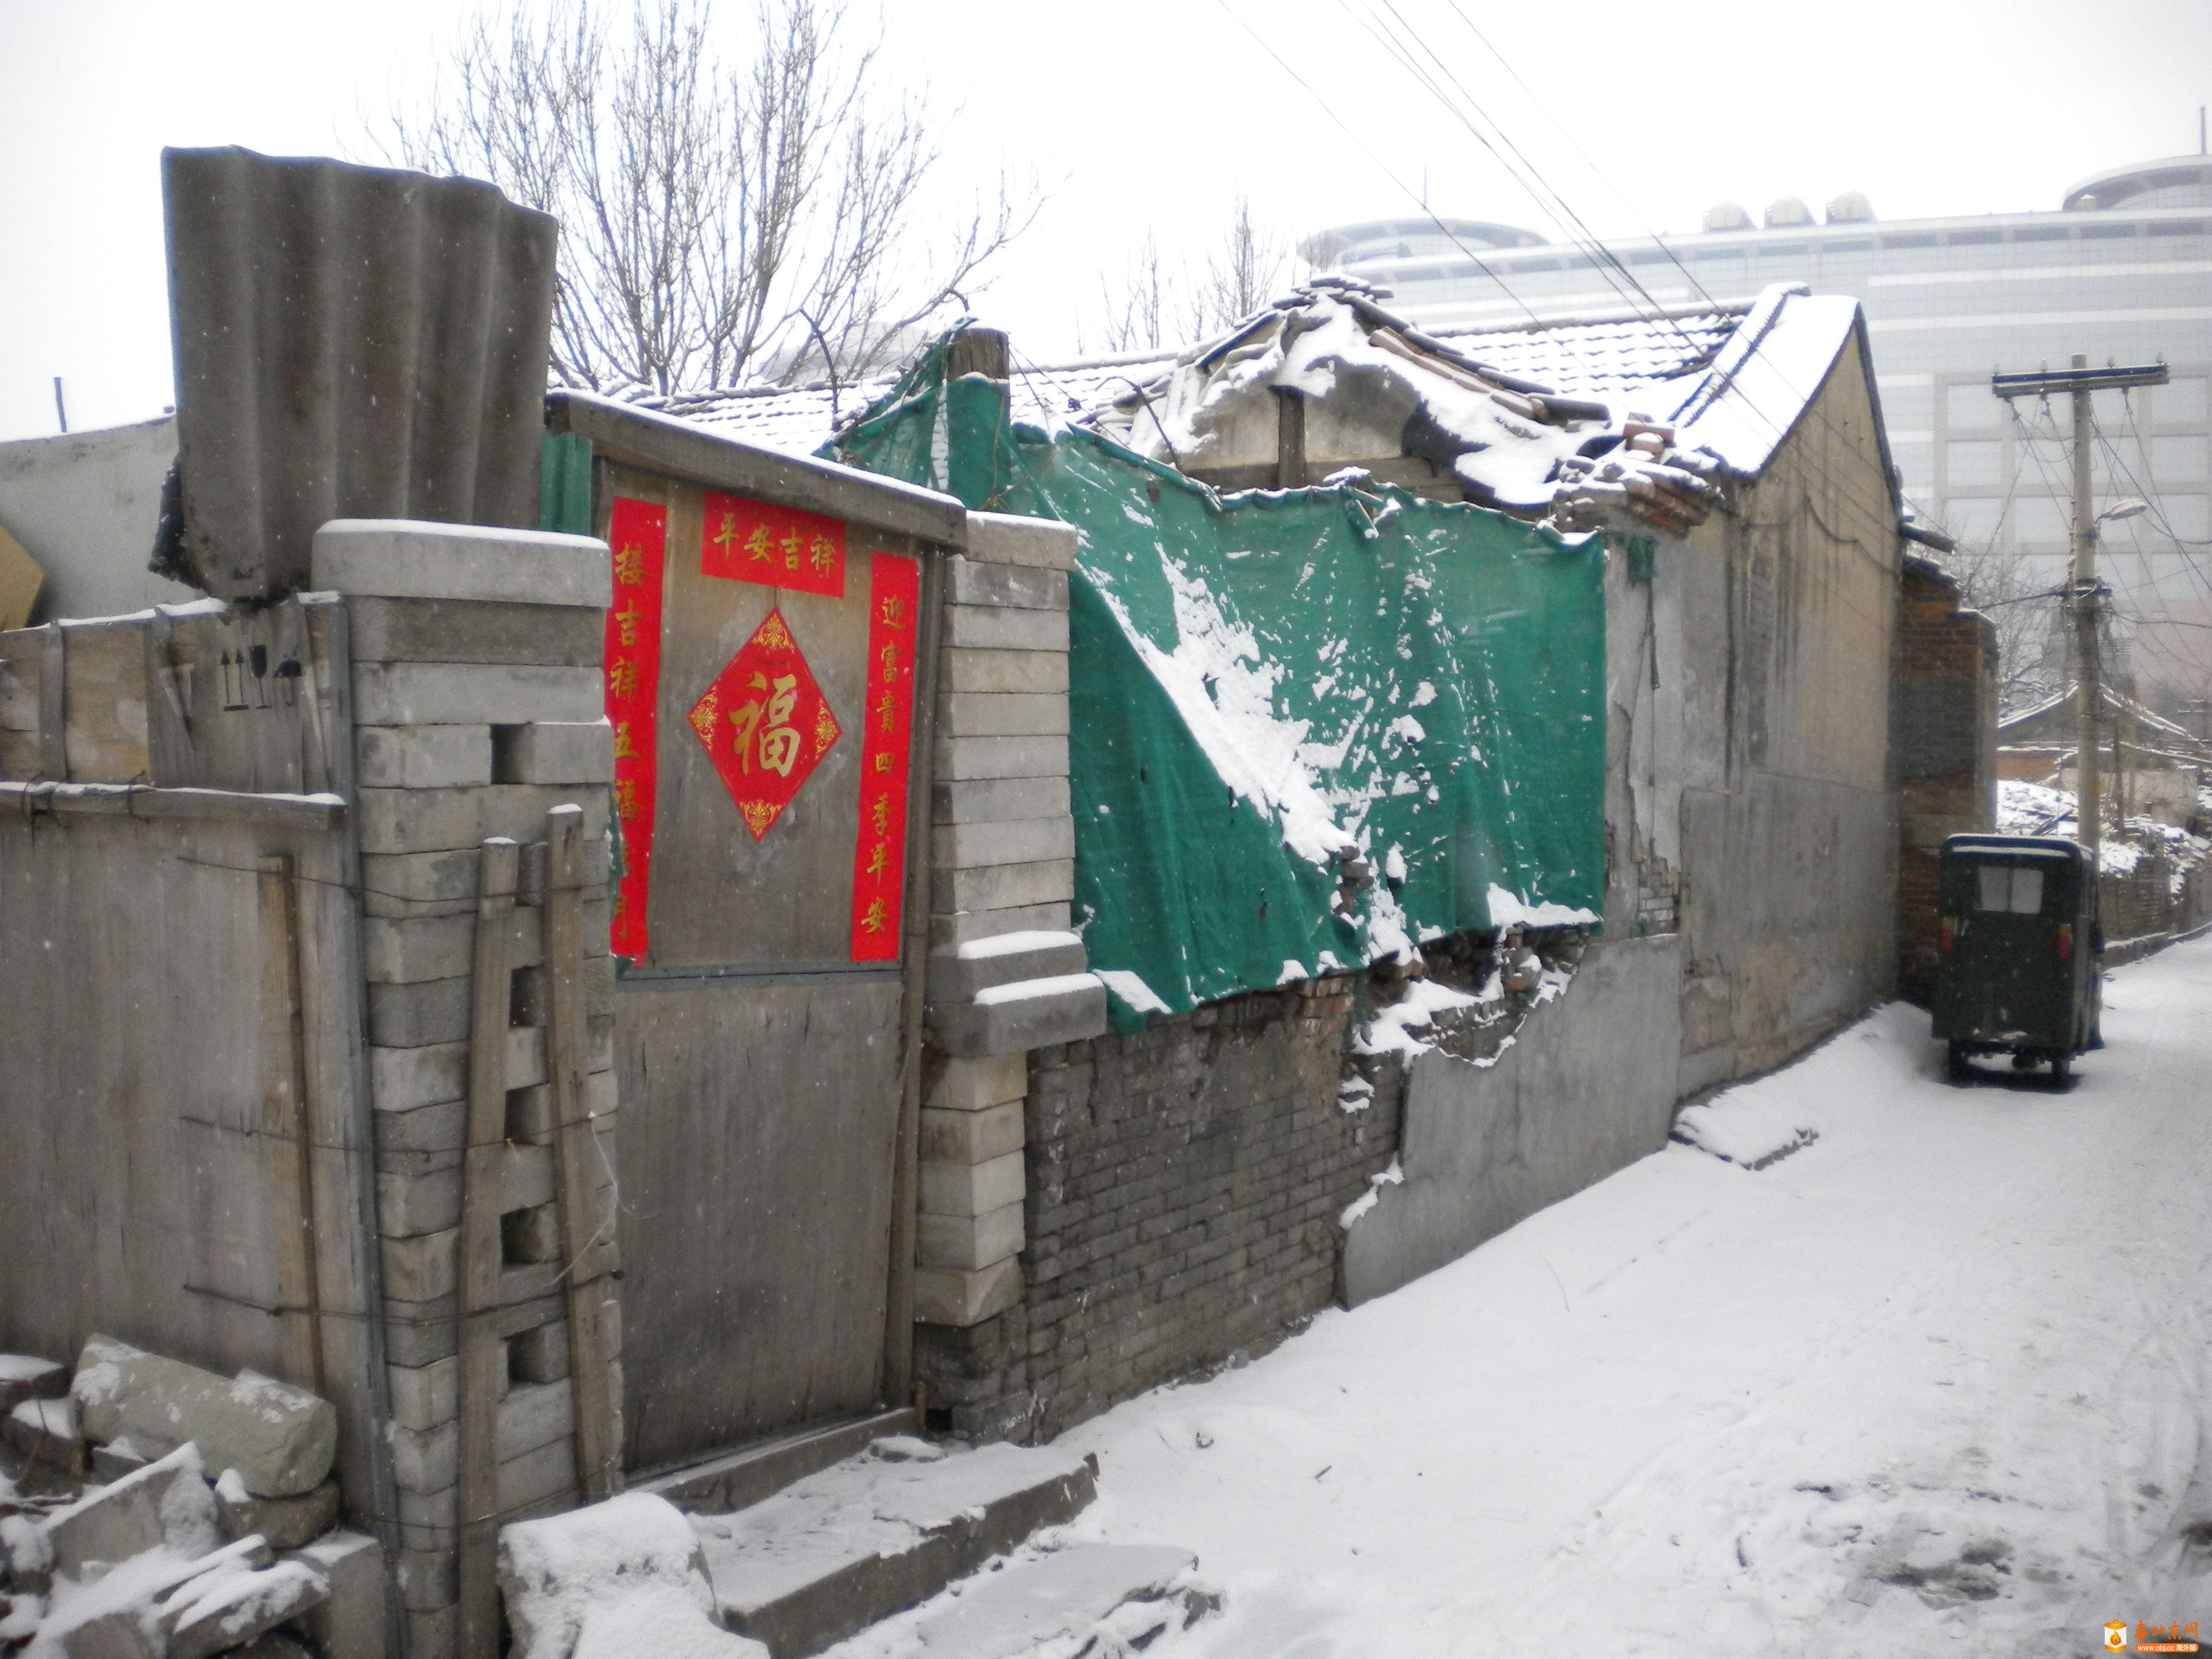 2011年2月10日上午,雪后的香炉营六条东口⑴